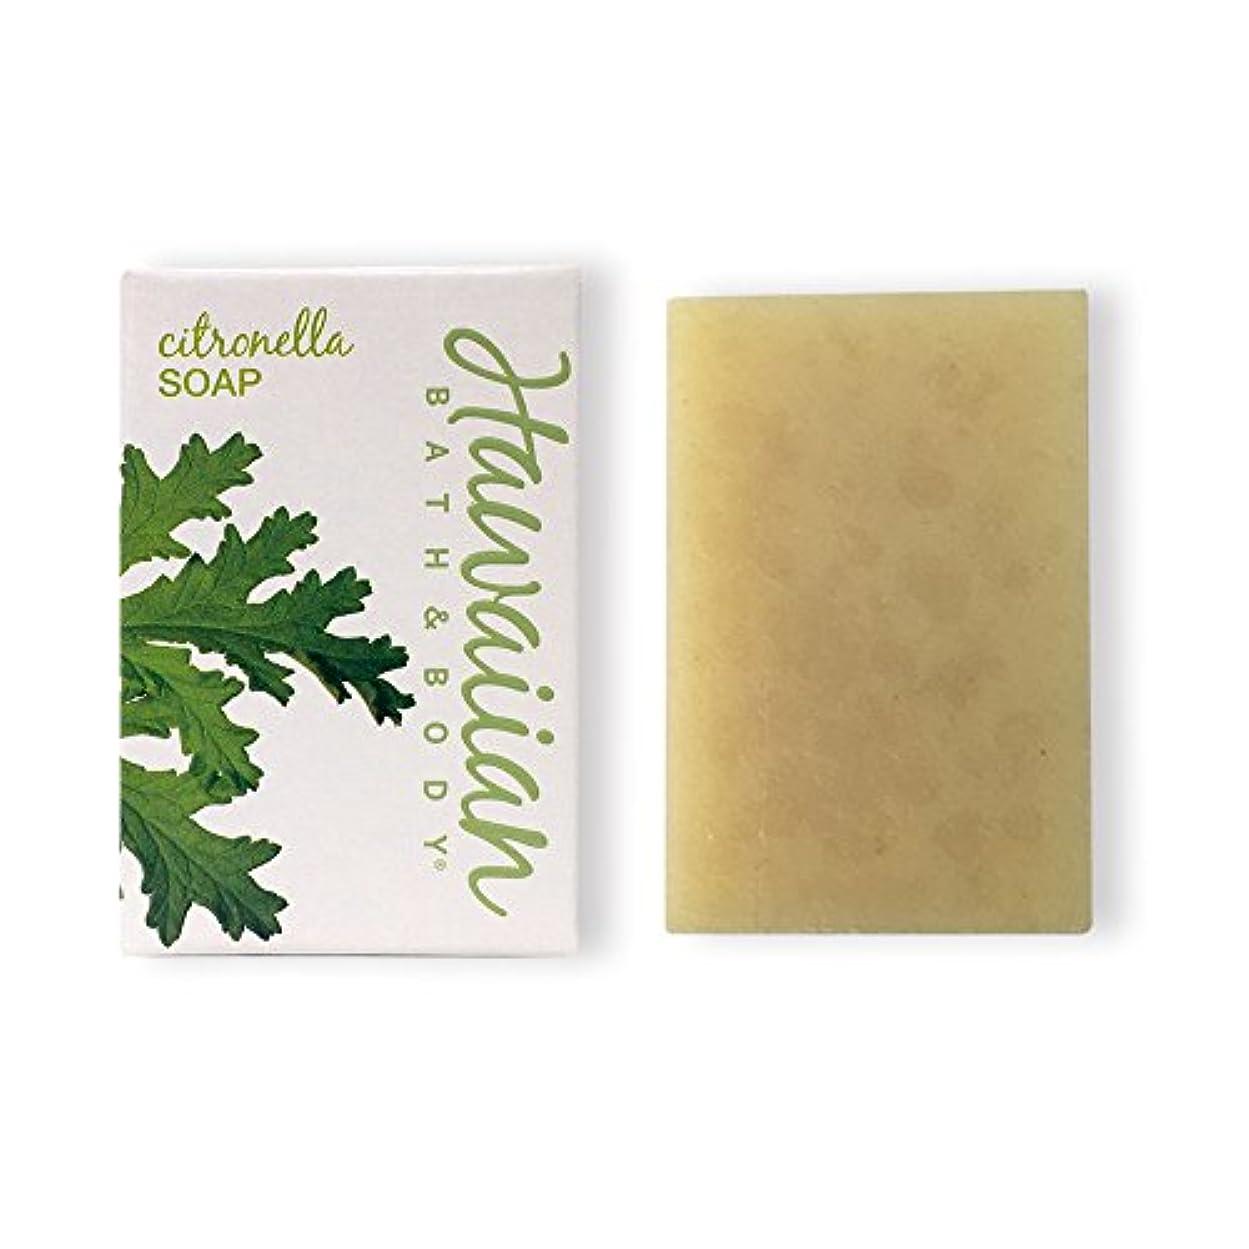 独創的キャッシュキーハワイアンバス&ボディ シトロネラソープ(ビーチバー)( Citronella Soap )